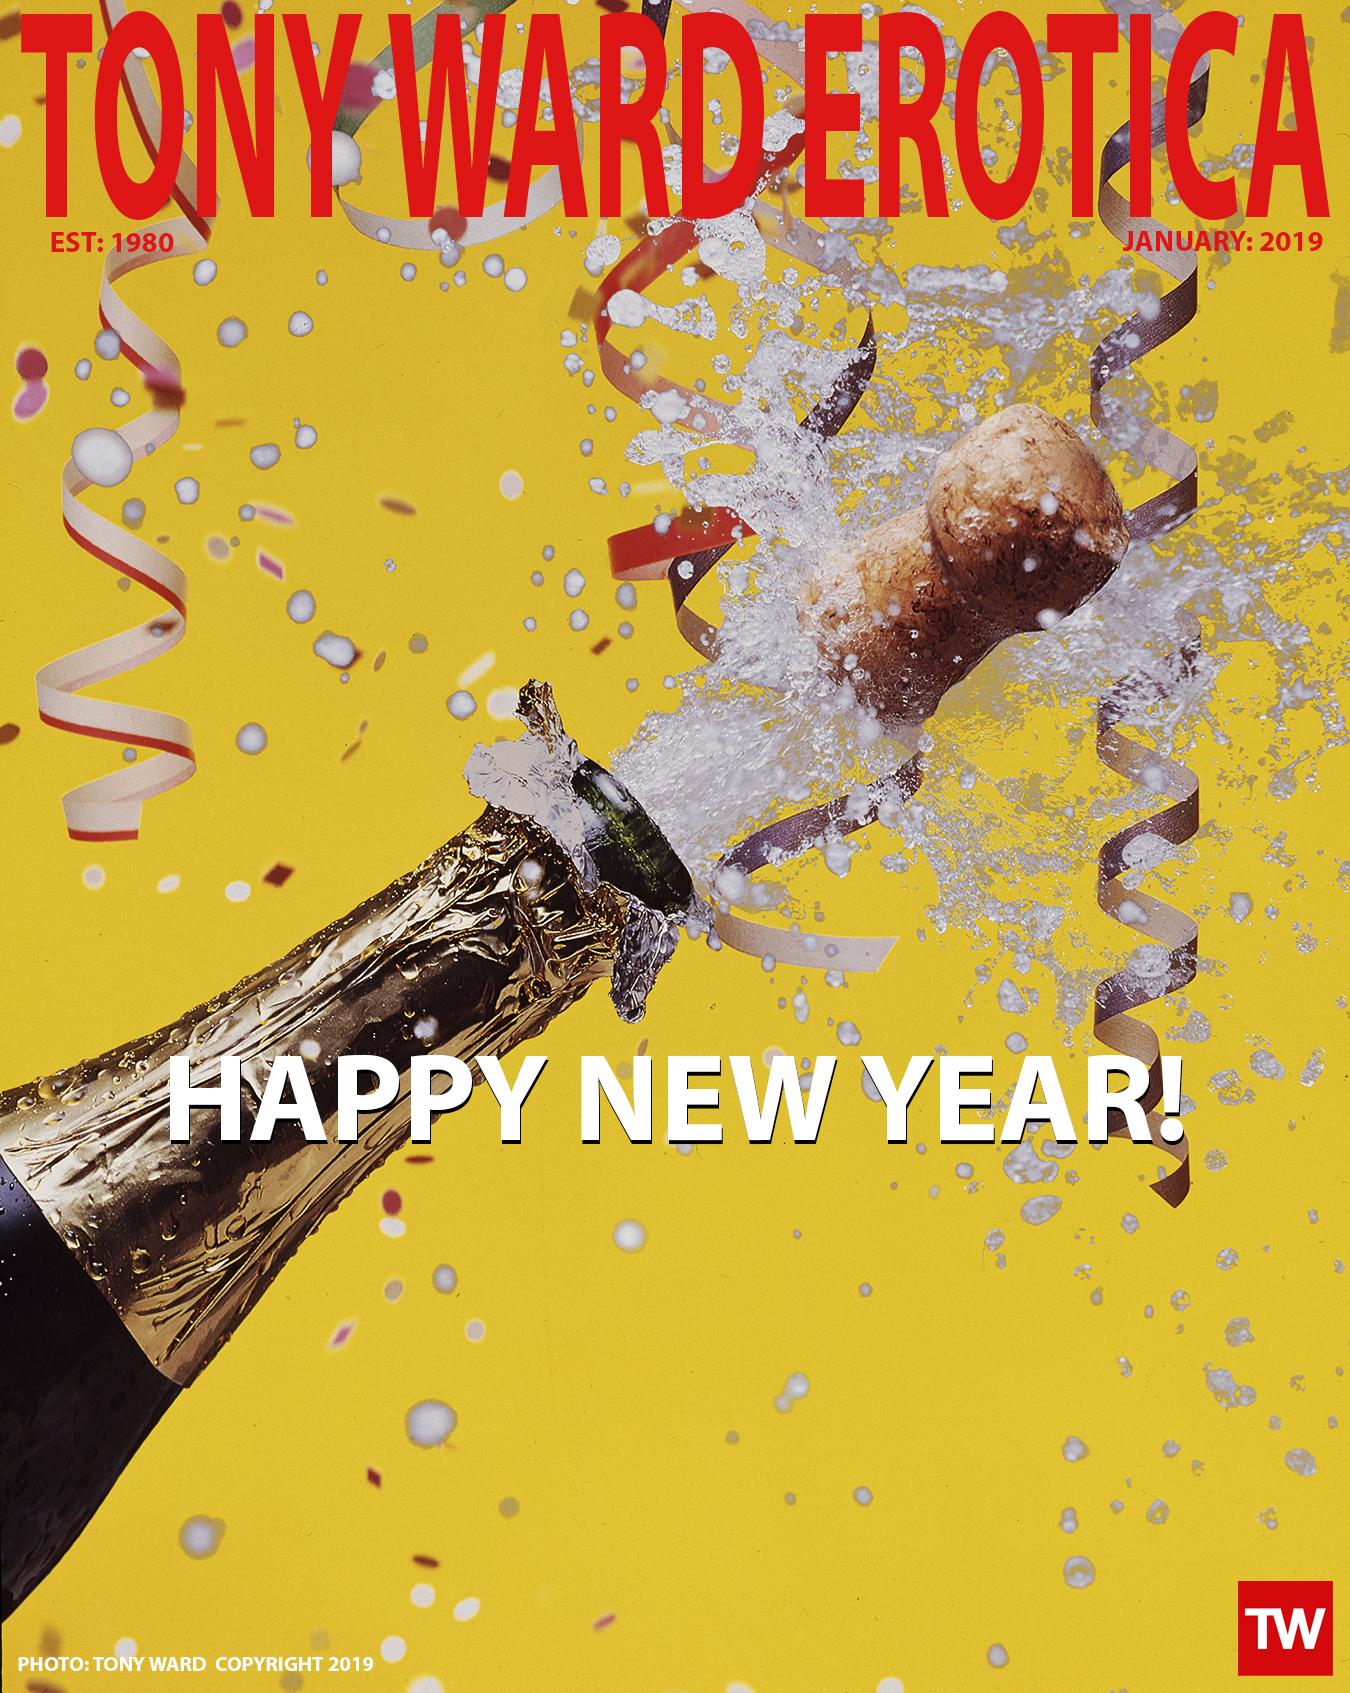 http://tonyward.com/tws-happy-new-year/